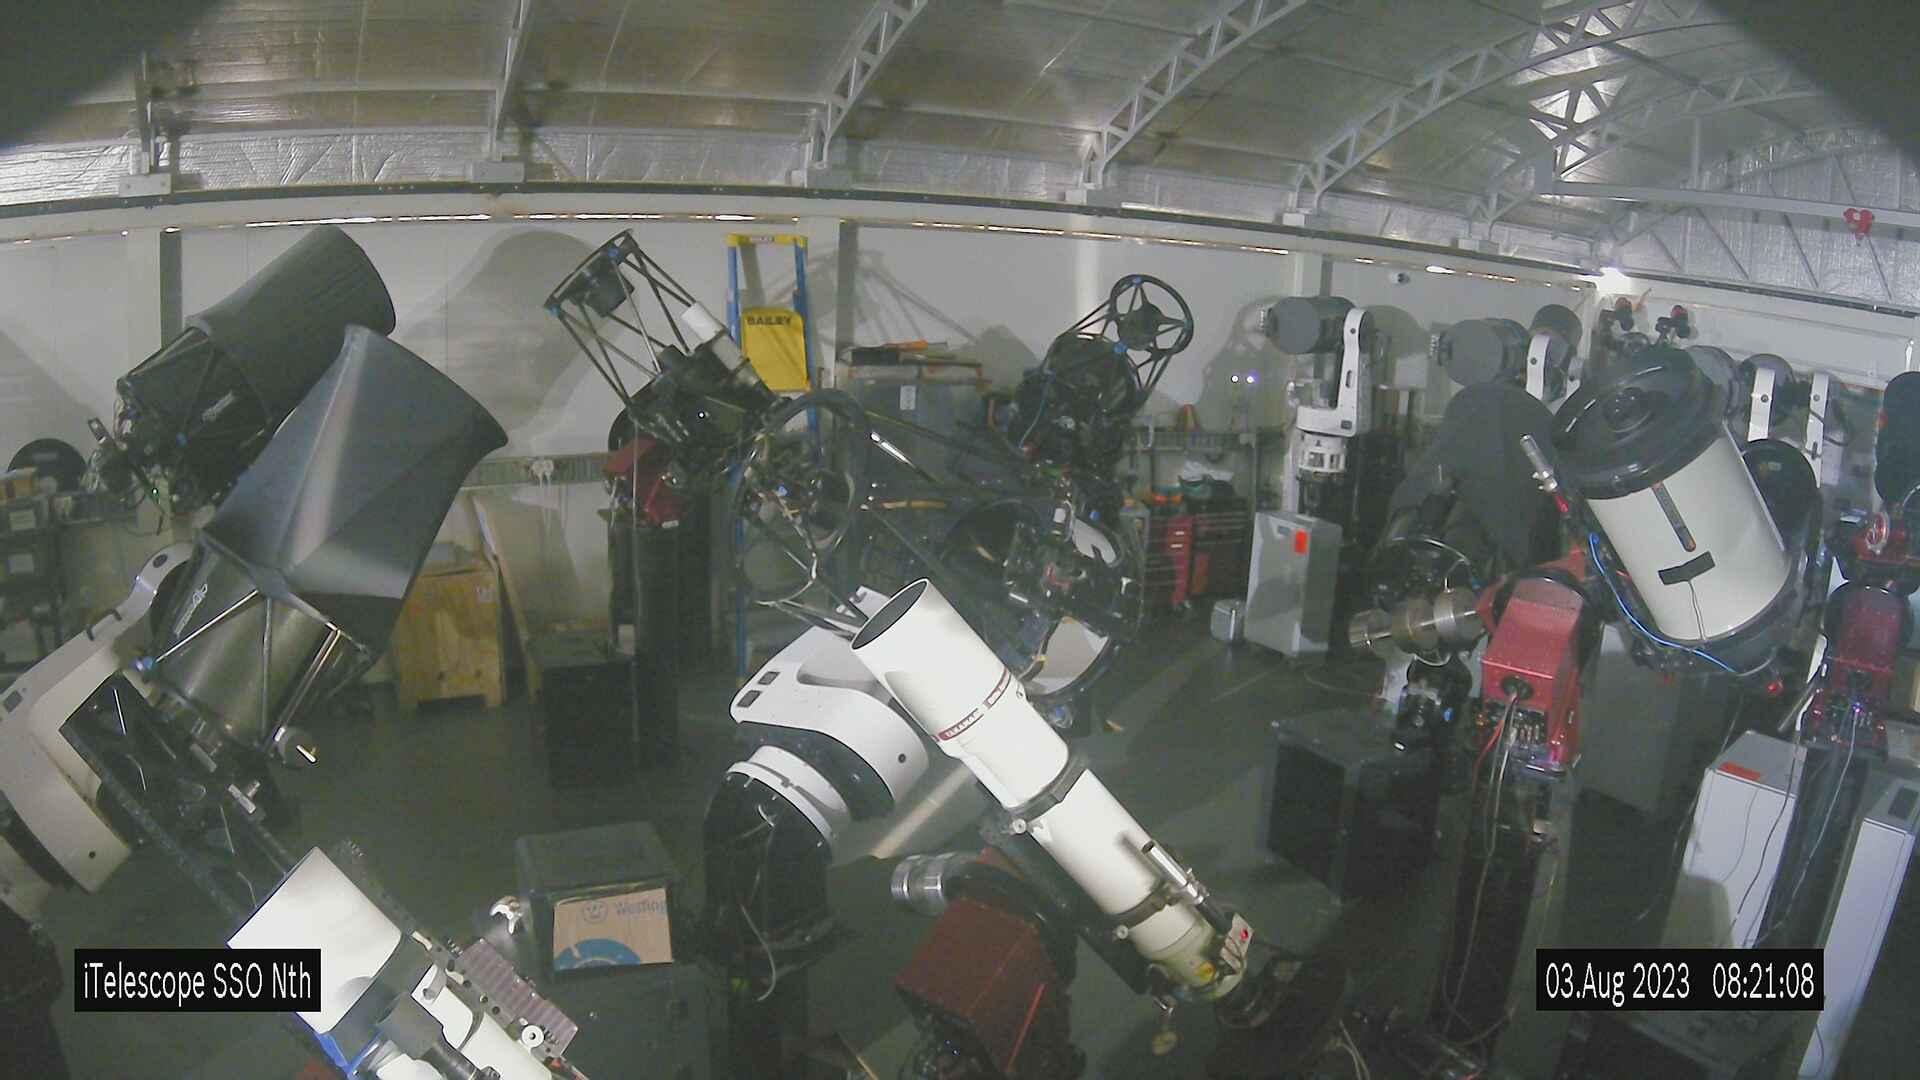 Observatory webcam